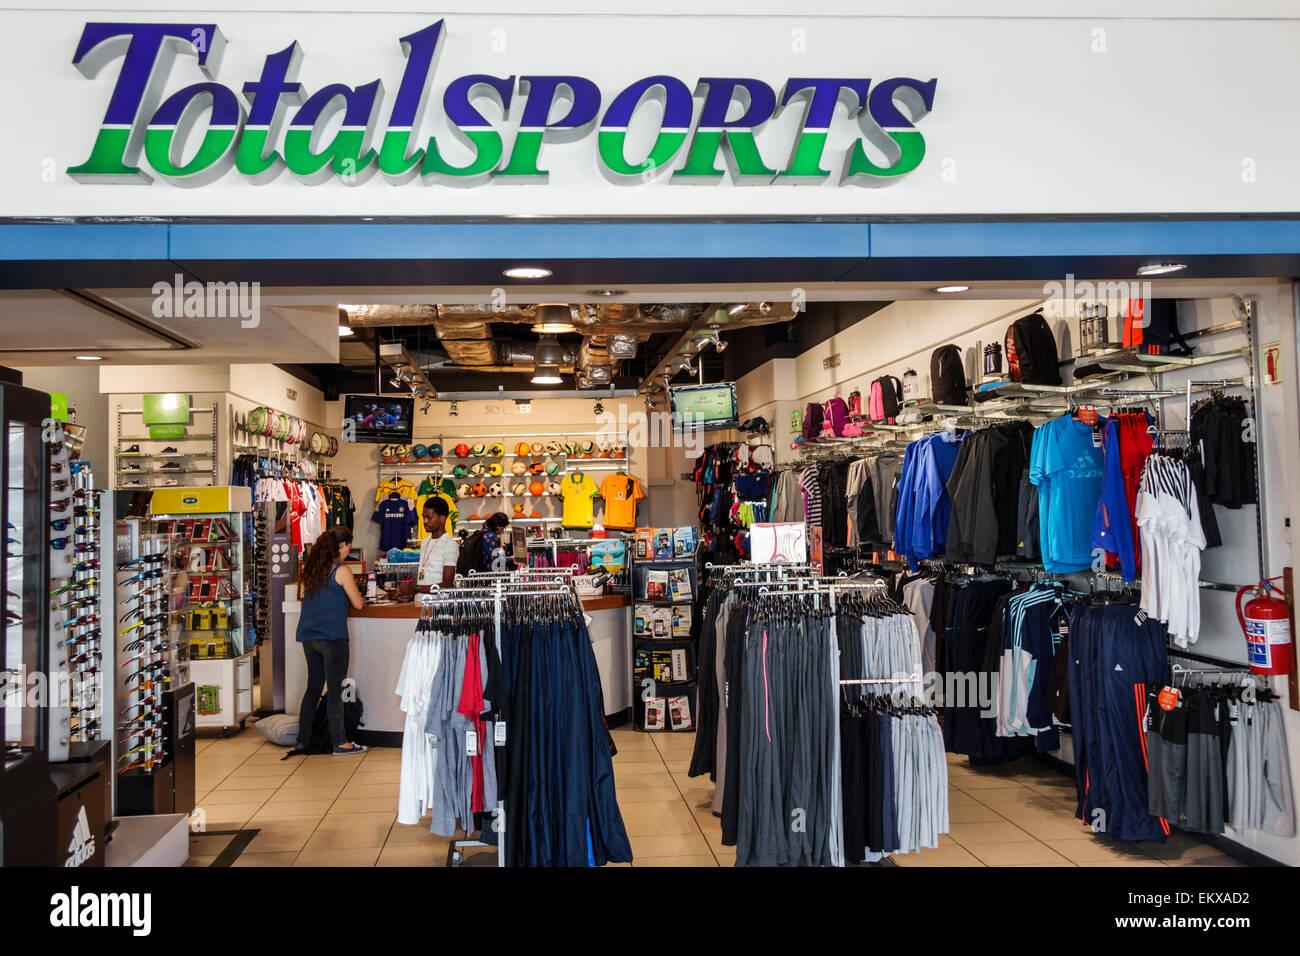 Sa clothing stores